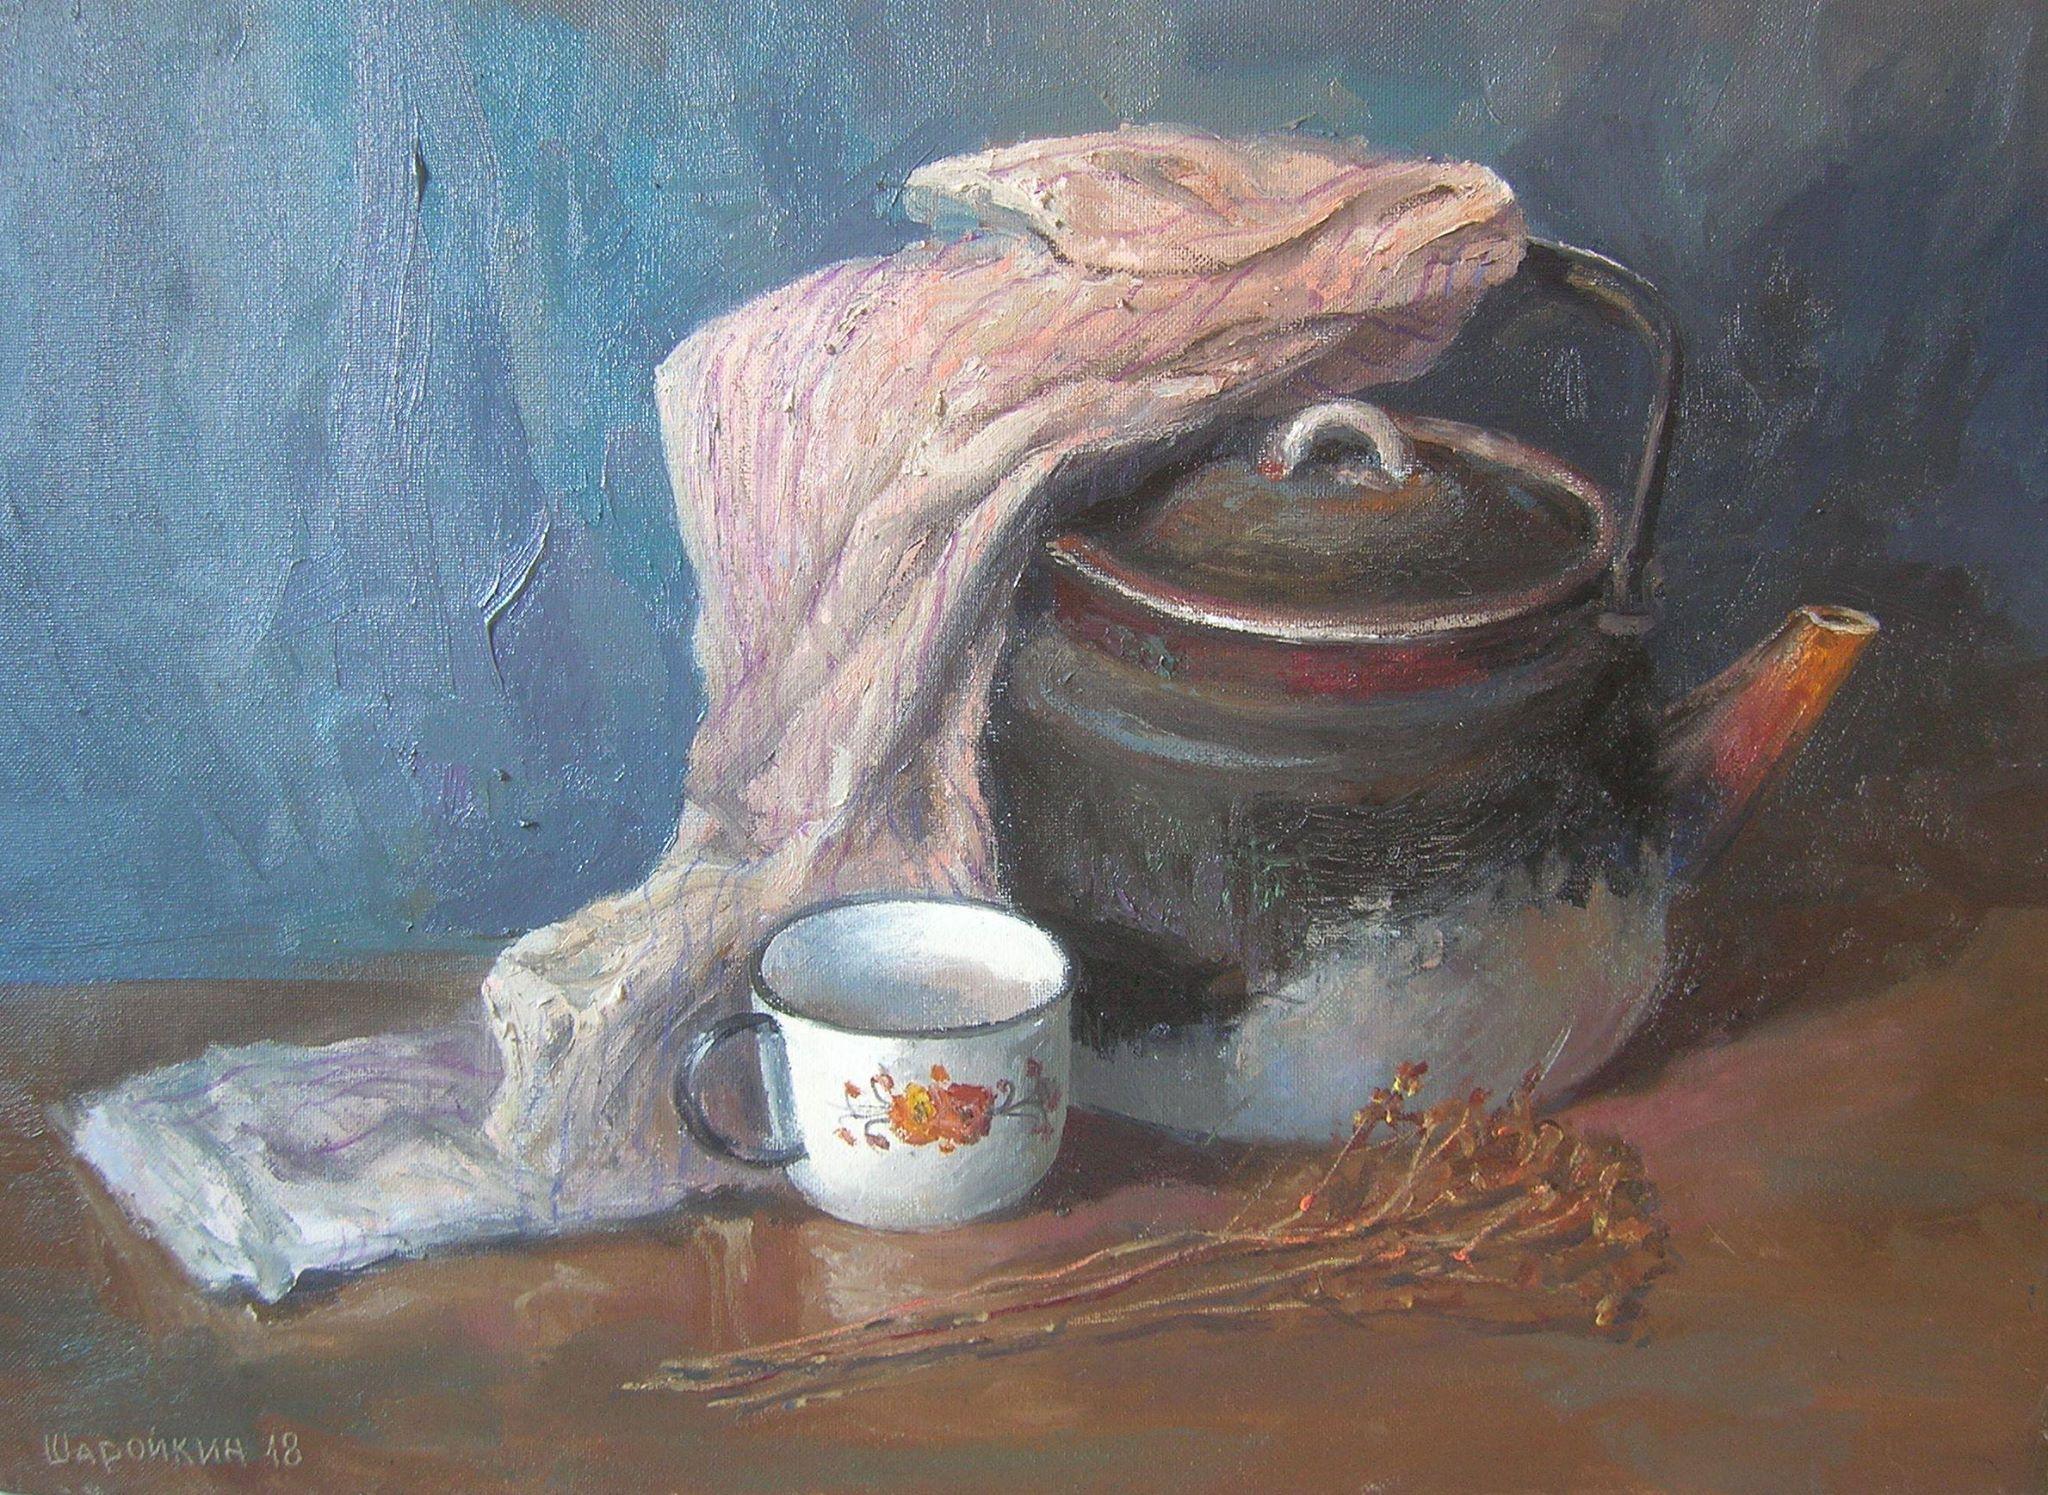 Геннадий Шаройкин.      Чай с травами.   2018 г.      Холст, масло.    50х70 см.